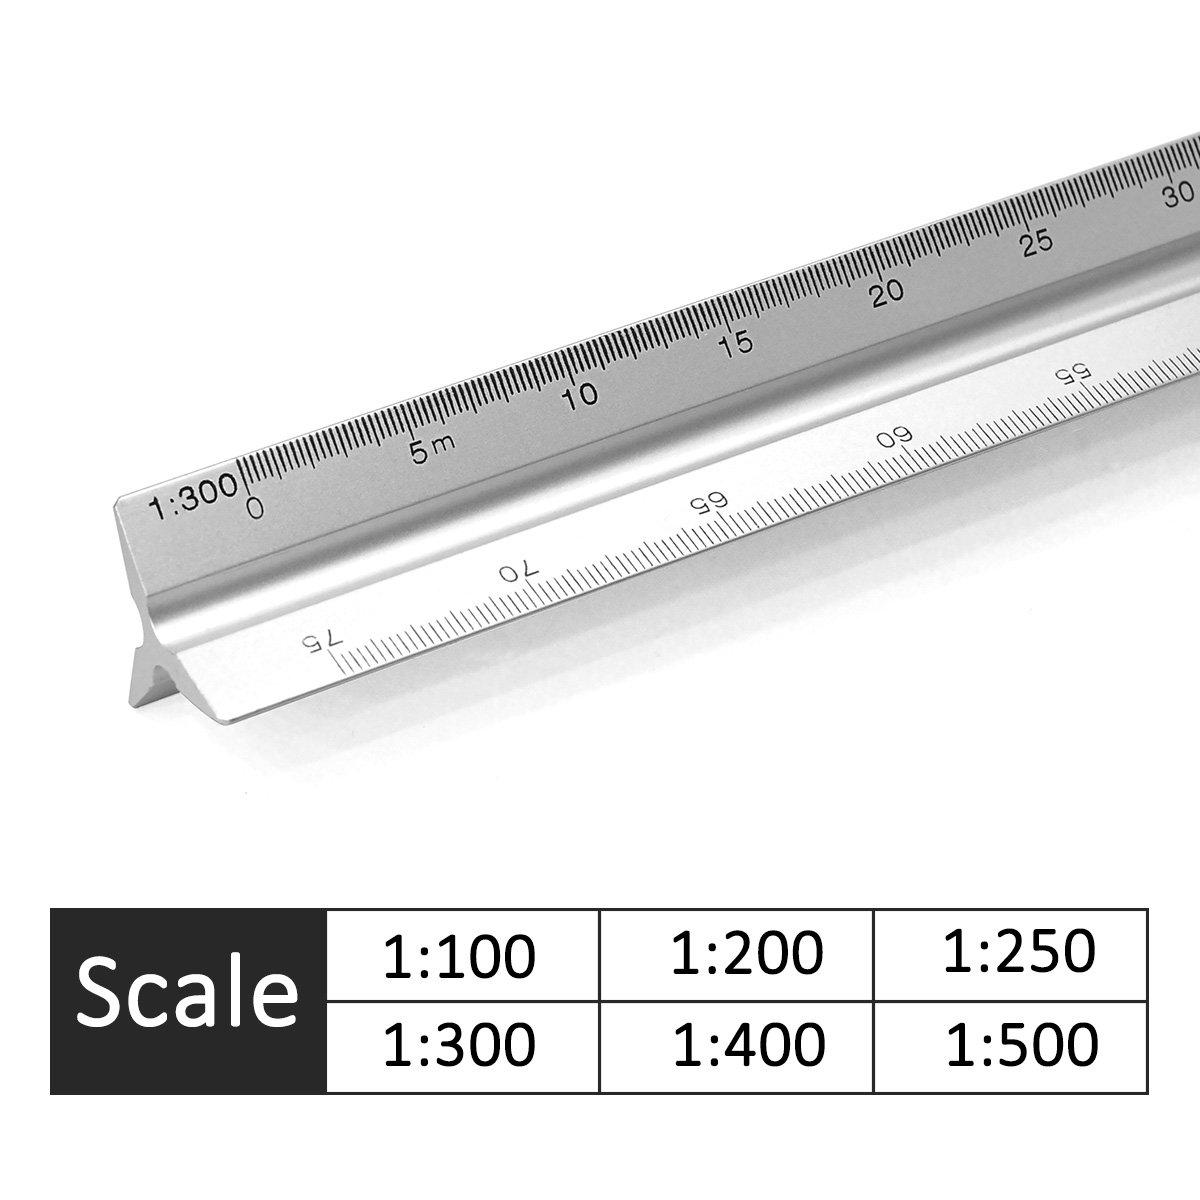 Buy Aluminum Triangular Metric Architect Scale Ruler 1 100